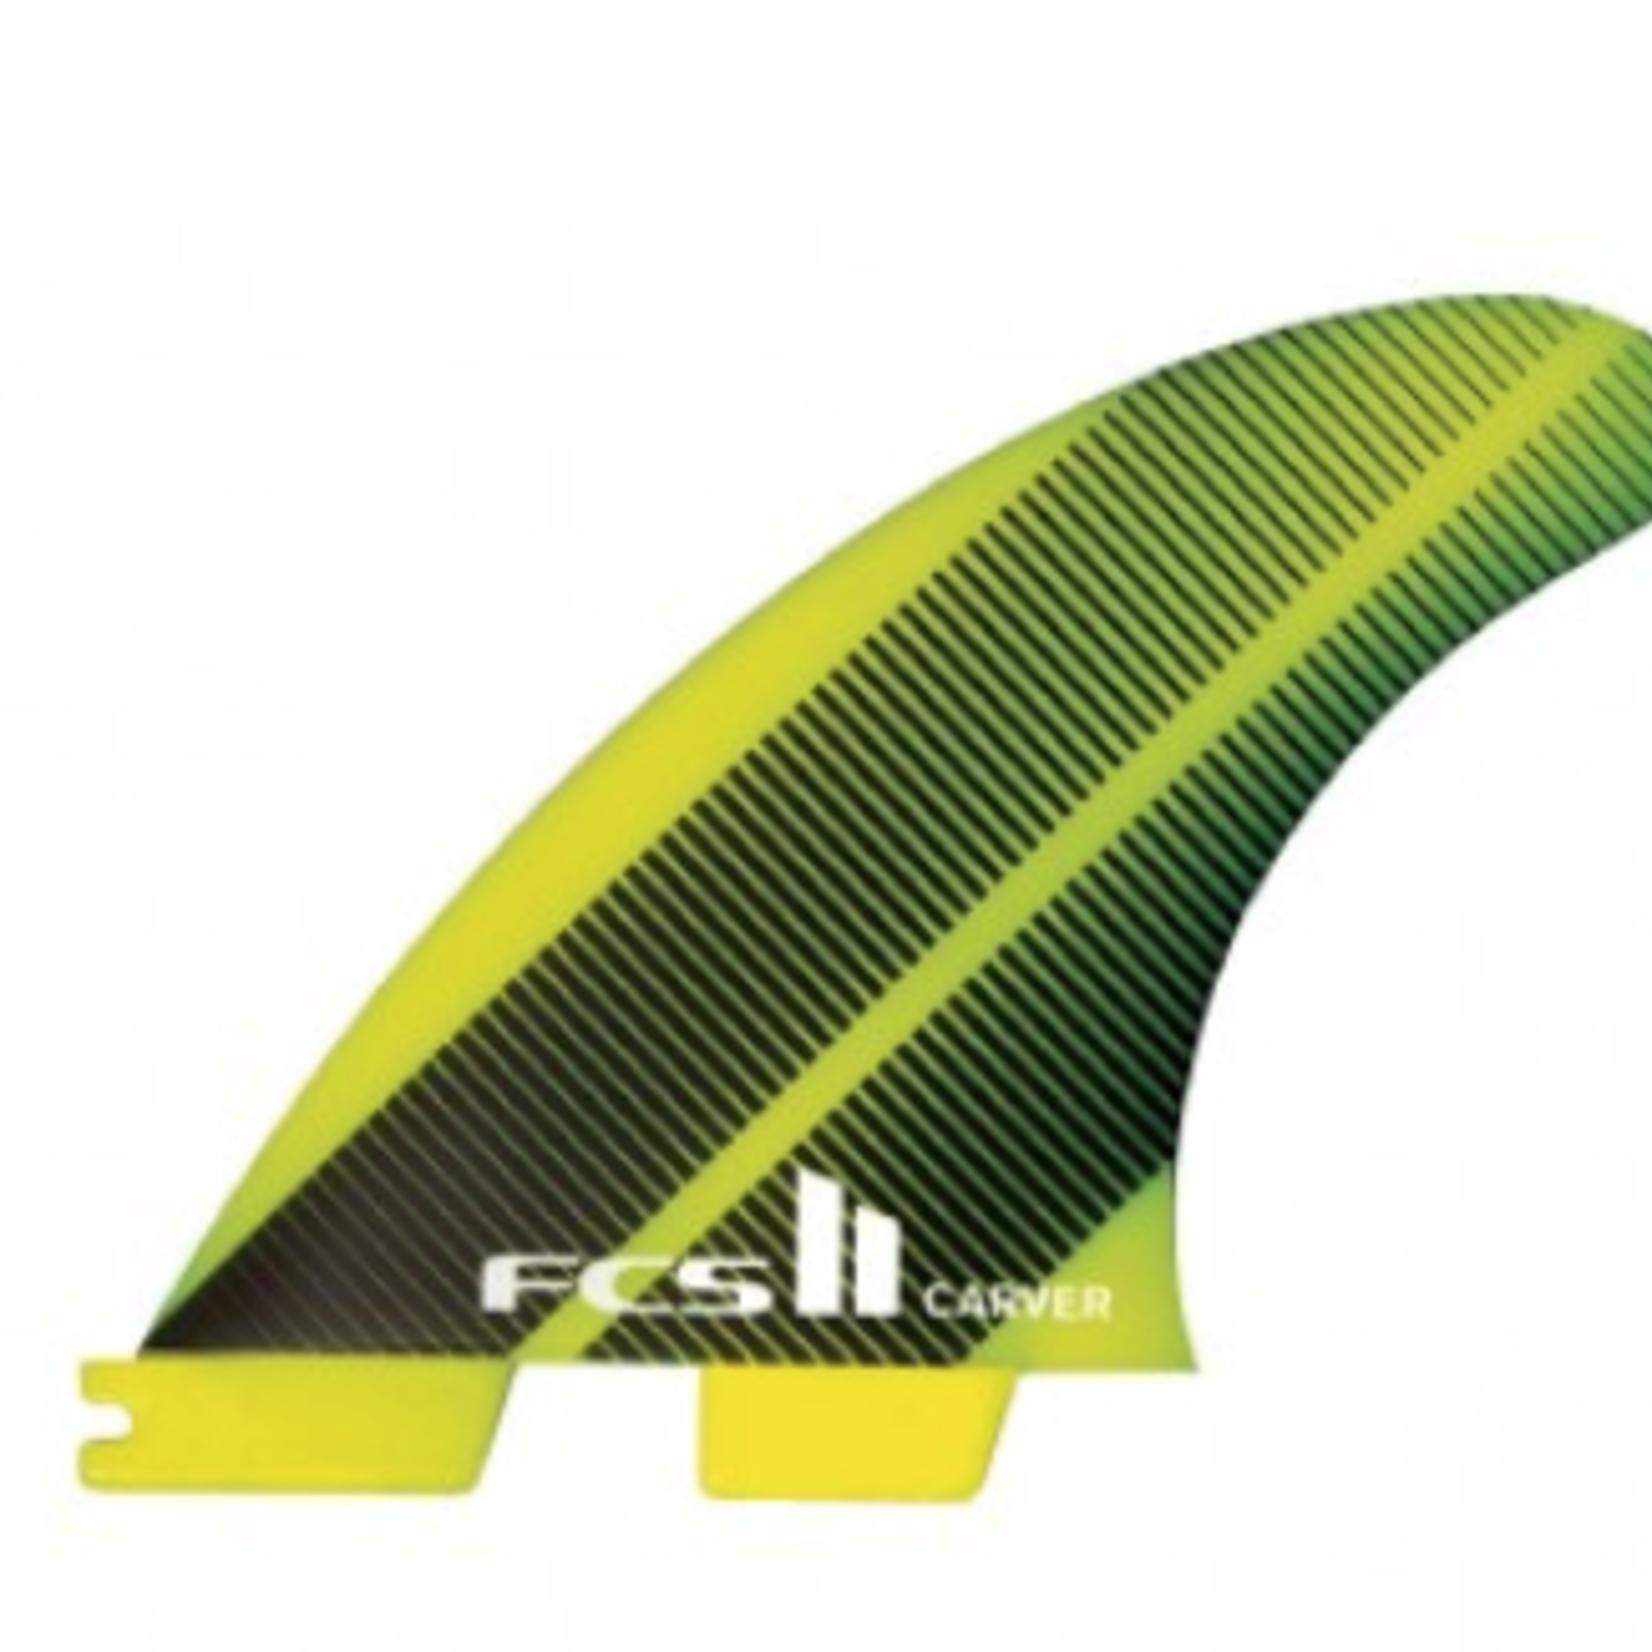 FCS II FCS II Carver Neo Glass Acid Gradient Tri-Quad Set Large